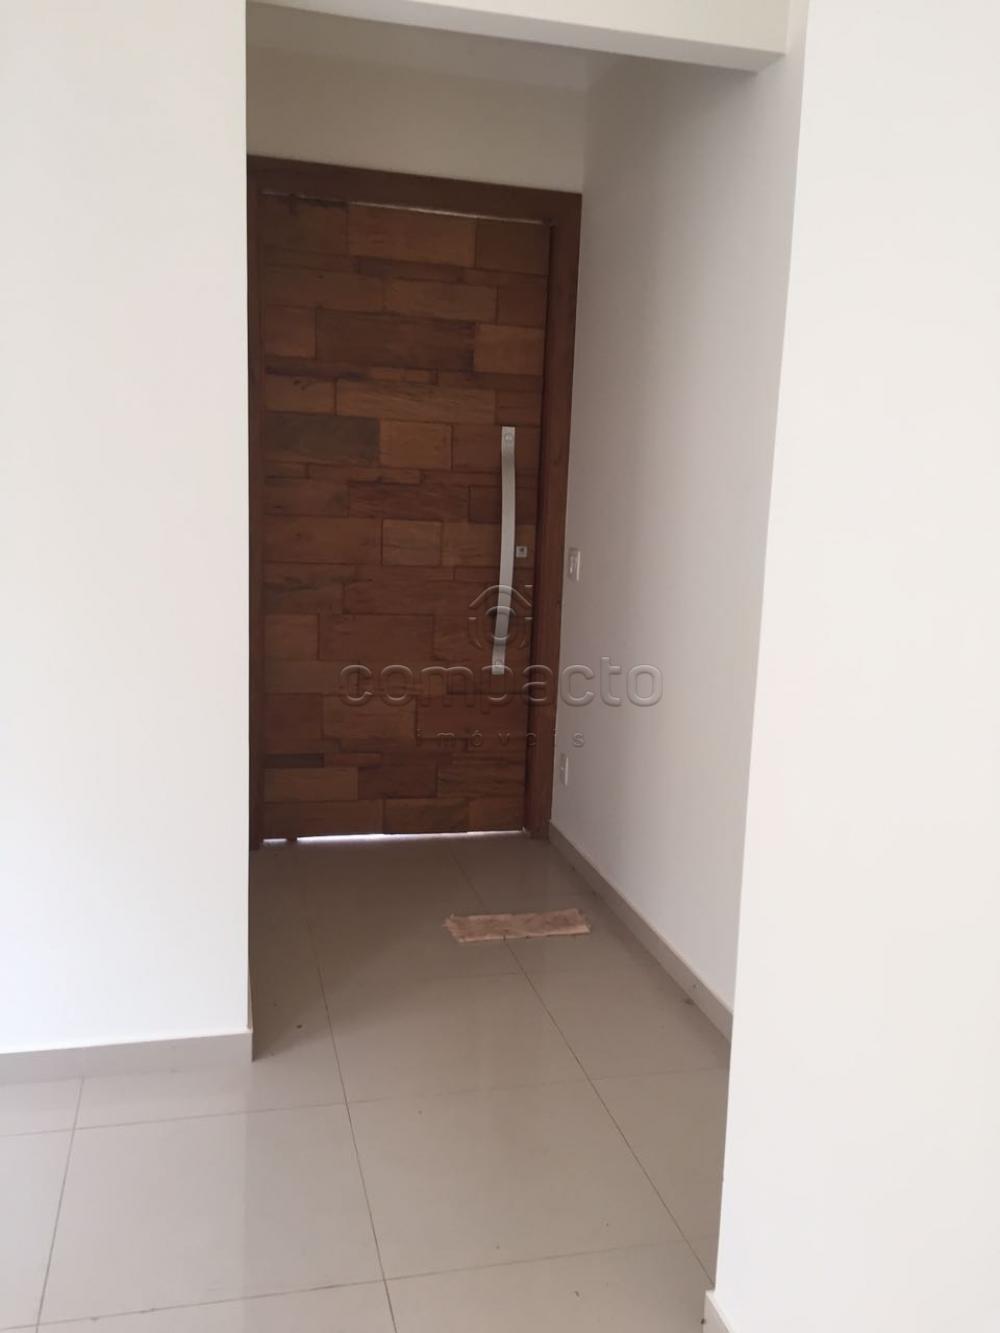 Comprar Casa / Condomínio em Mirassol apenas R$ 570.000,00 - Foto 3